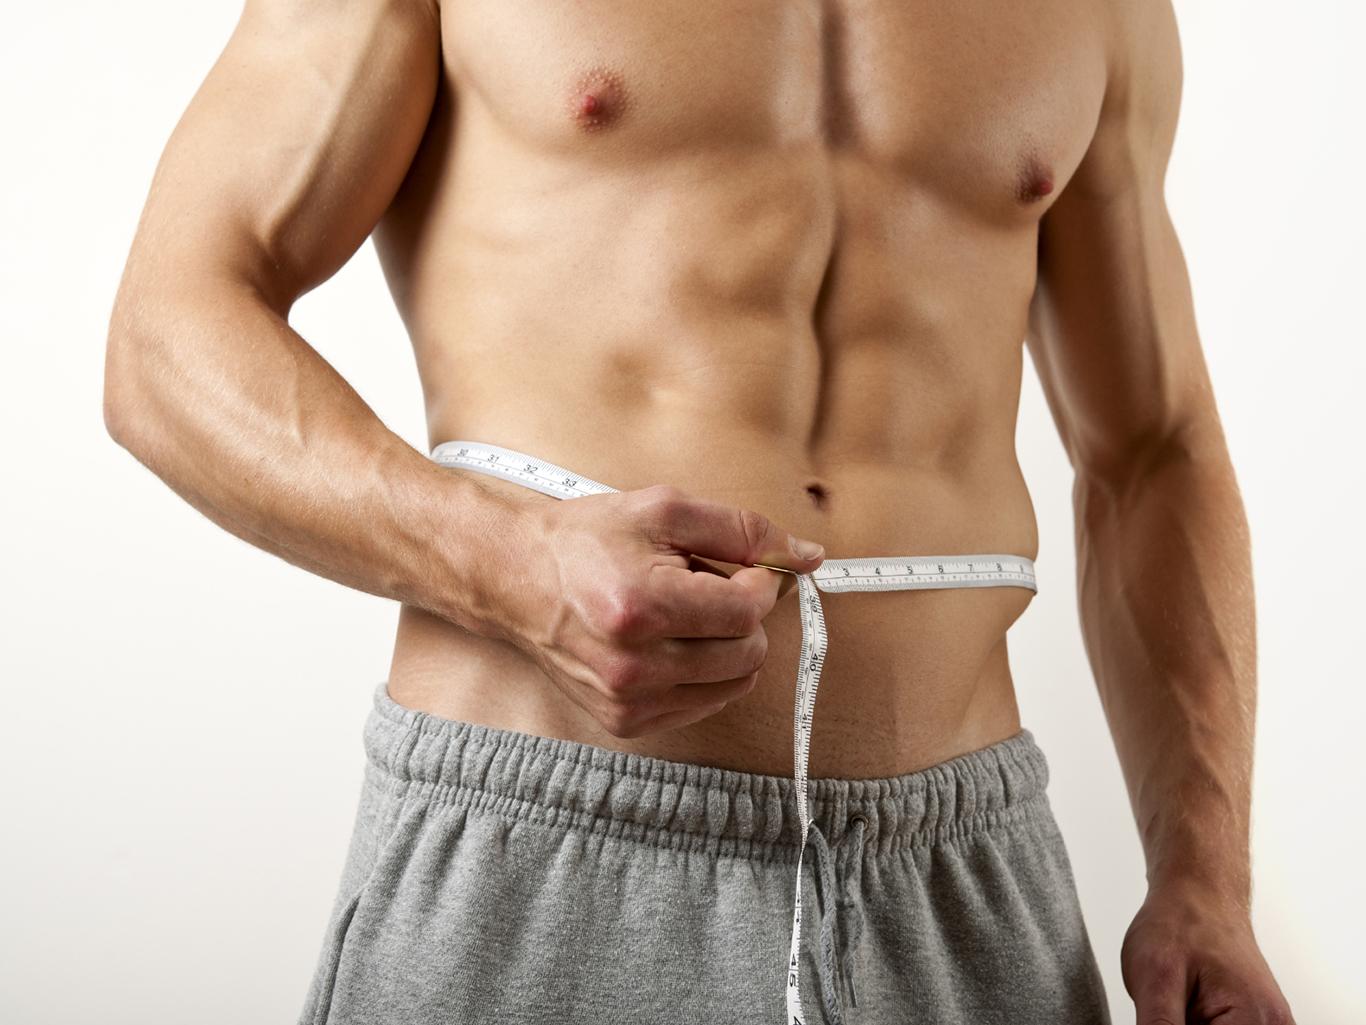 похудеть правильно диеты за рулем